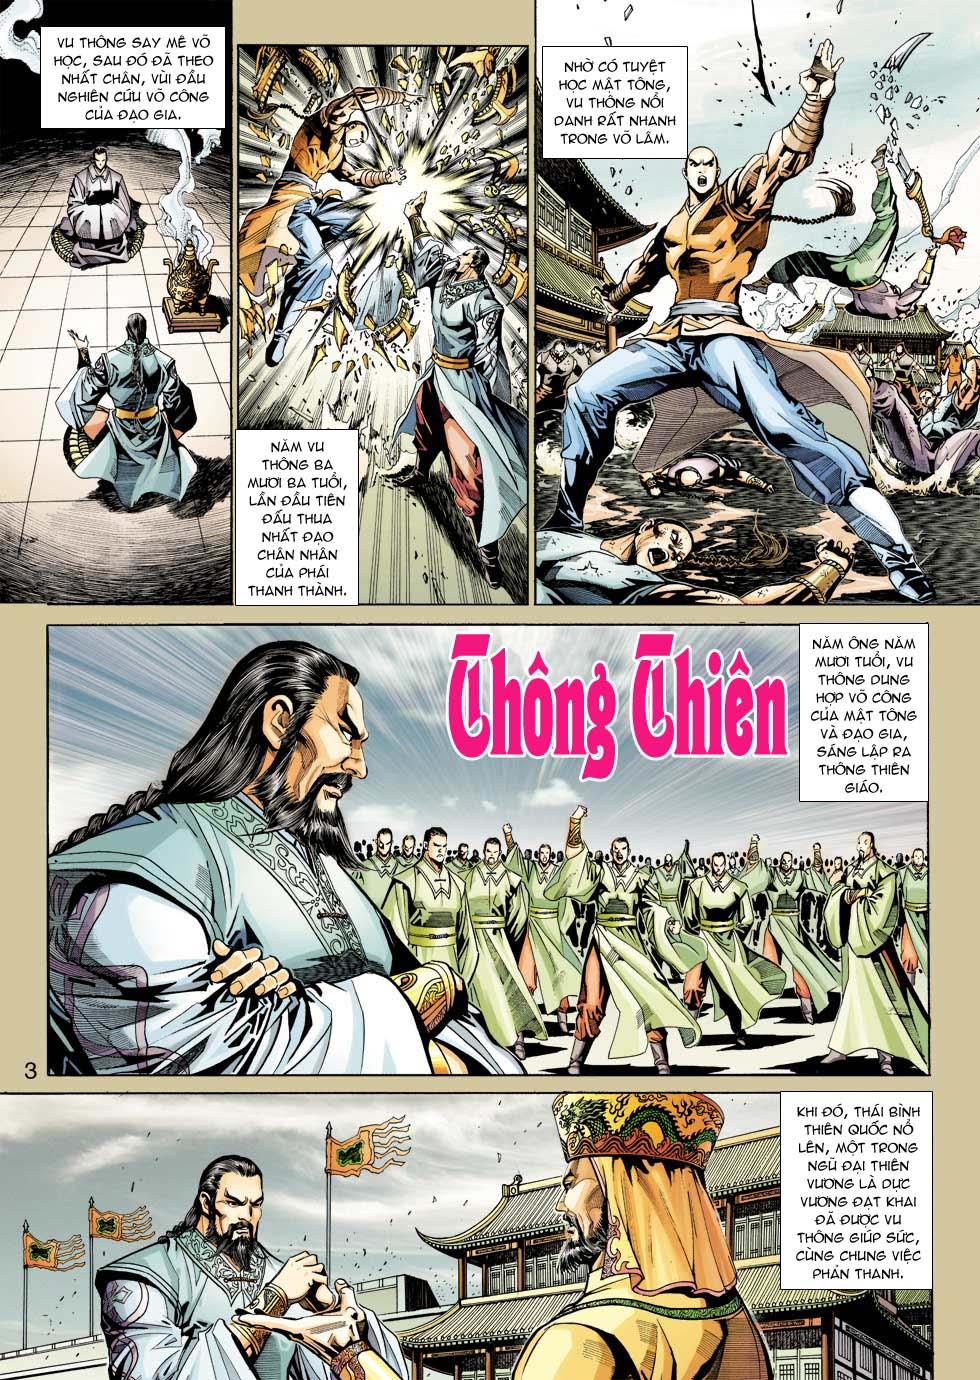 Tân Tác Long Hổ Môn chap 343 - Trang 3